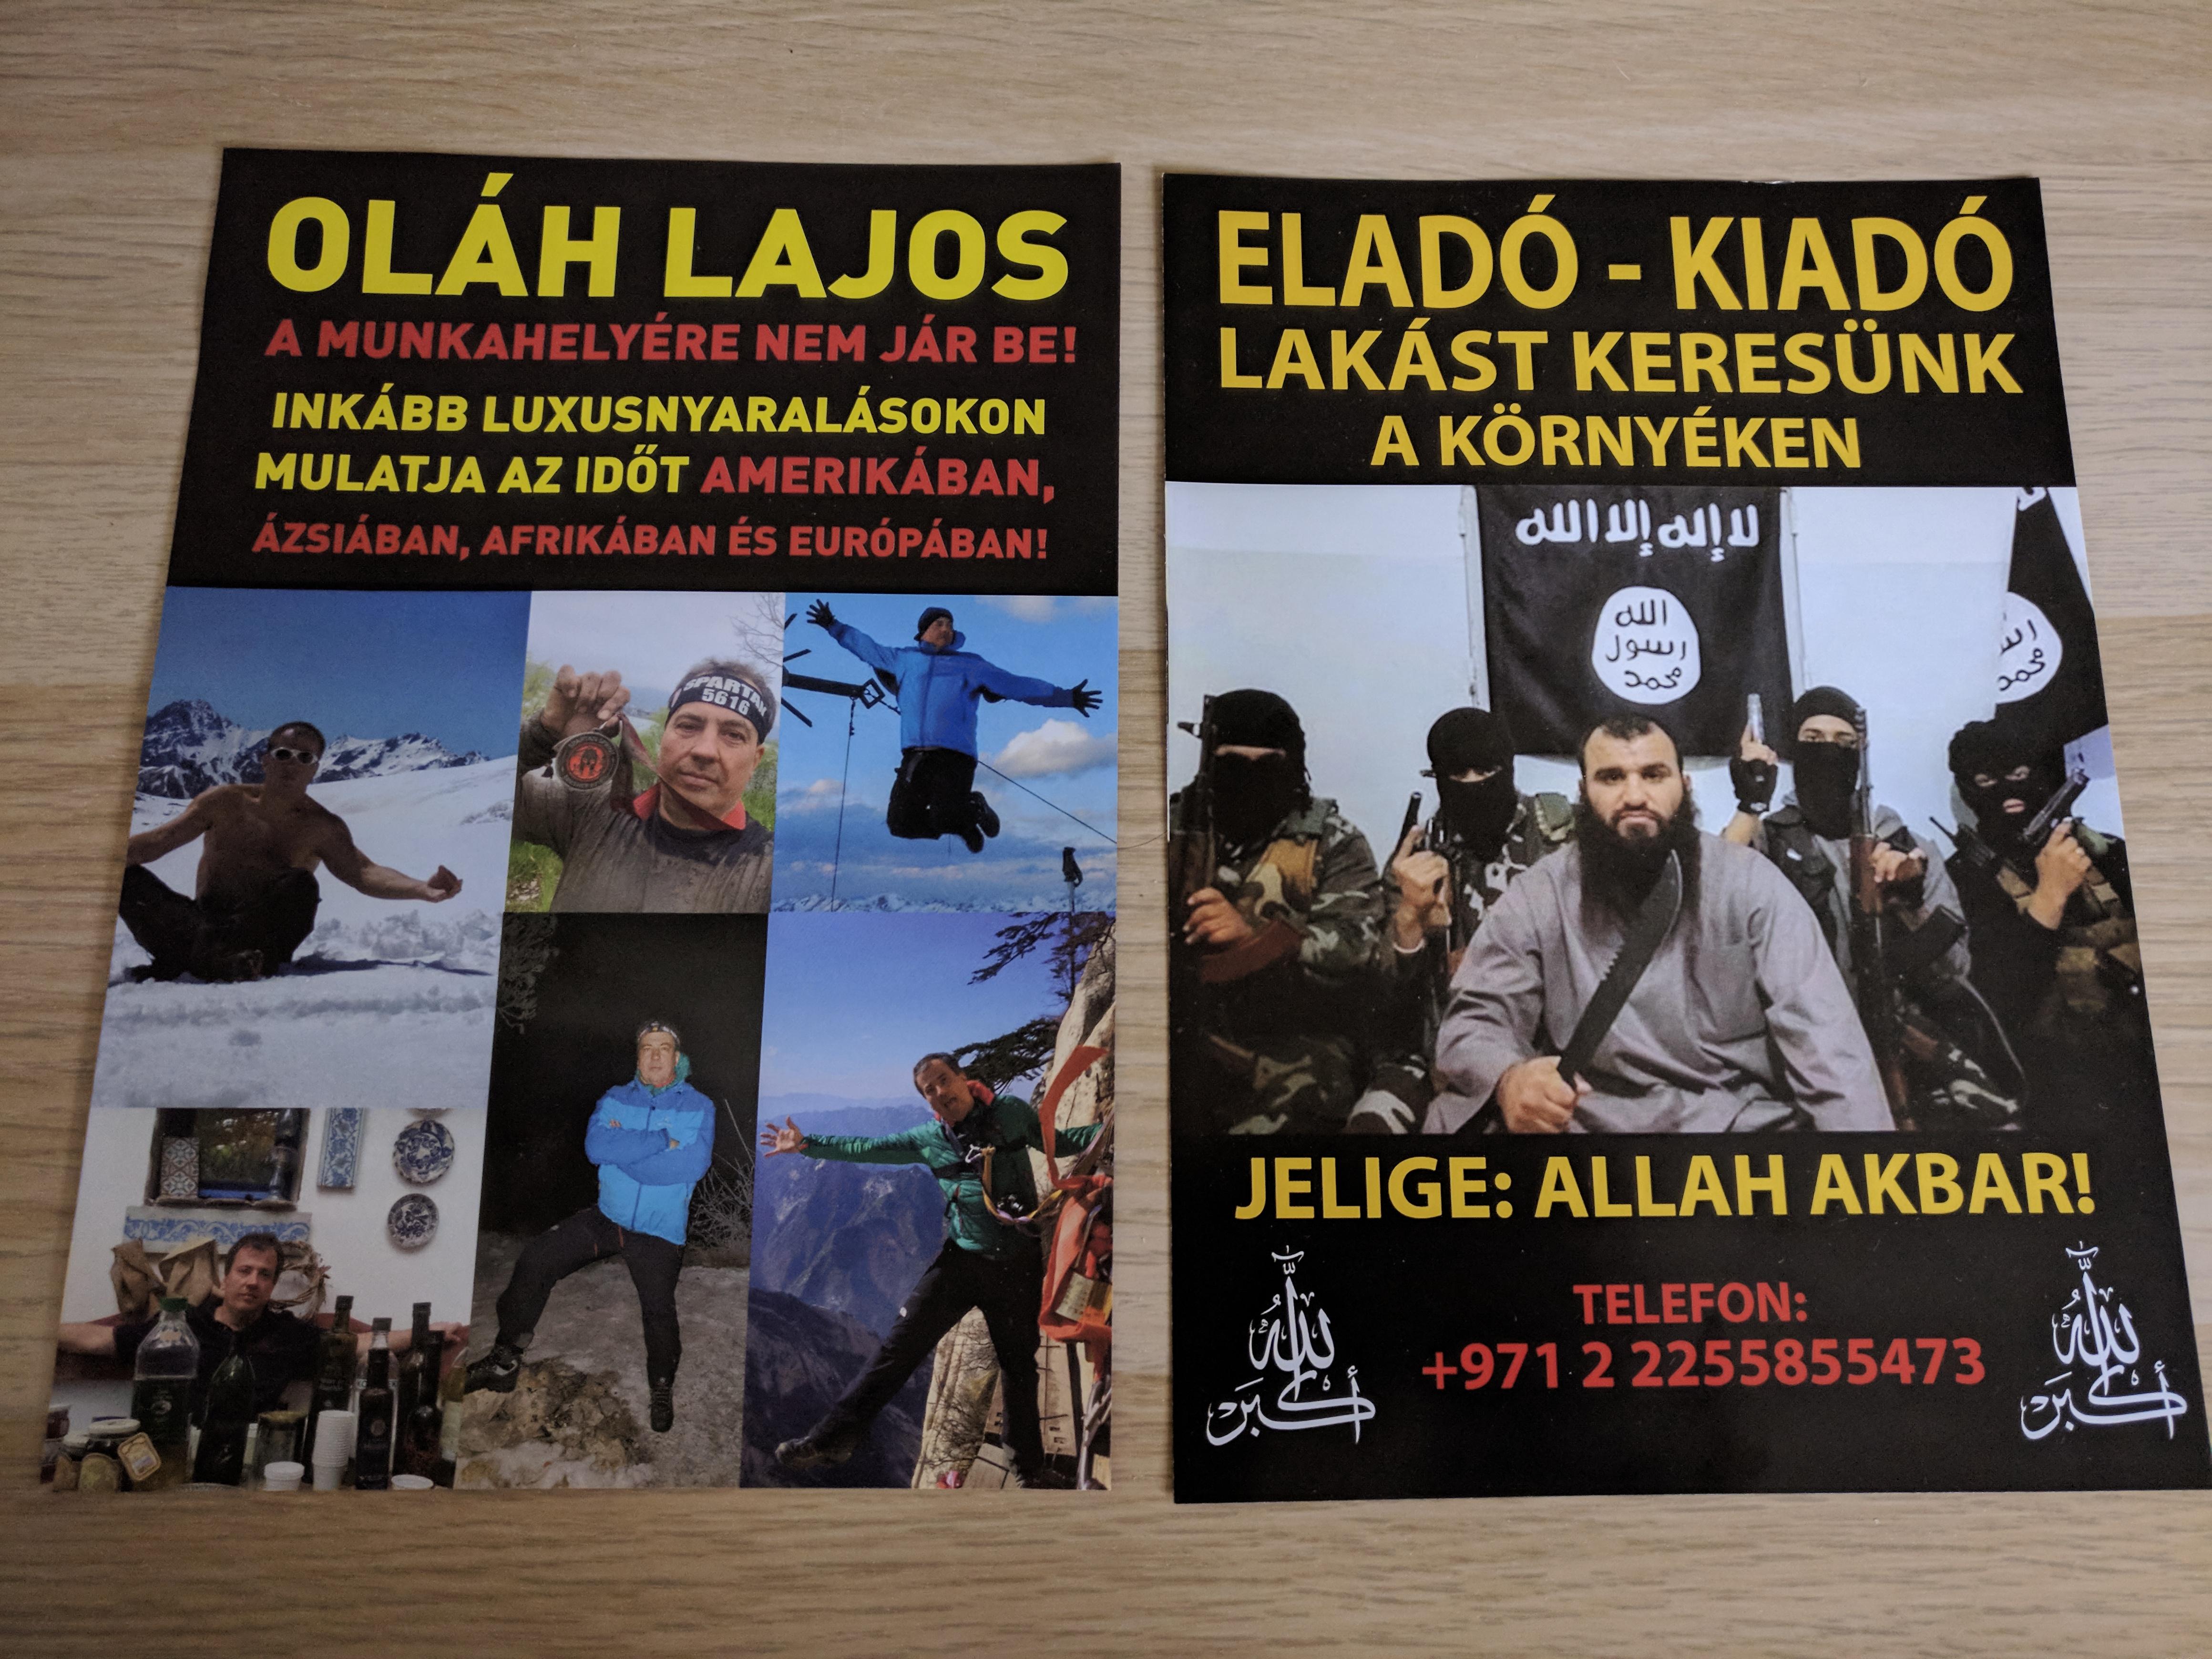 """Az """"ISIS lakáskereső szórólapjaihoz"""" hasonló szórólappal kampányolnak az Orbán család ügyvédjének kihívója ellen"""